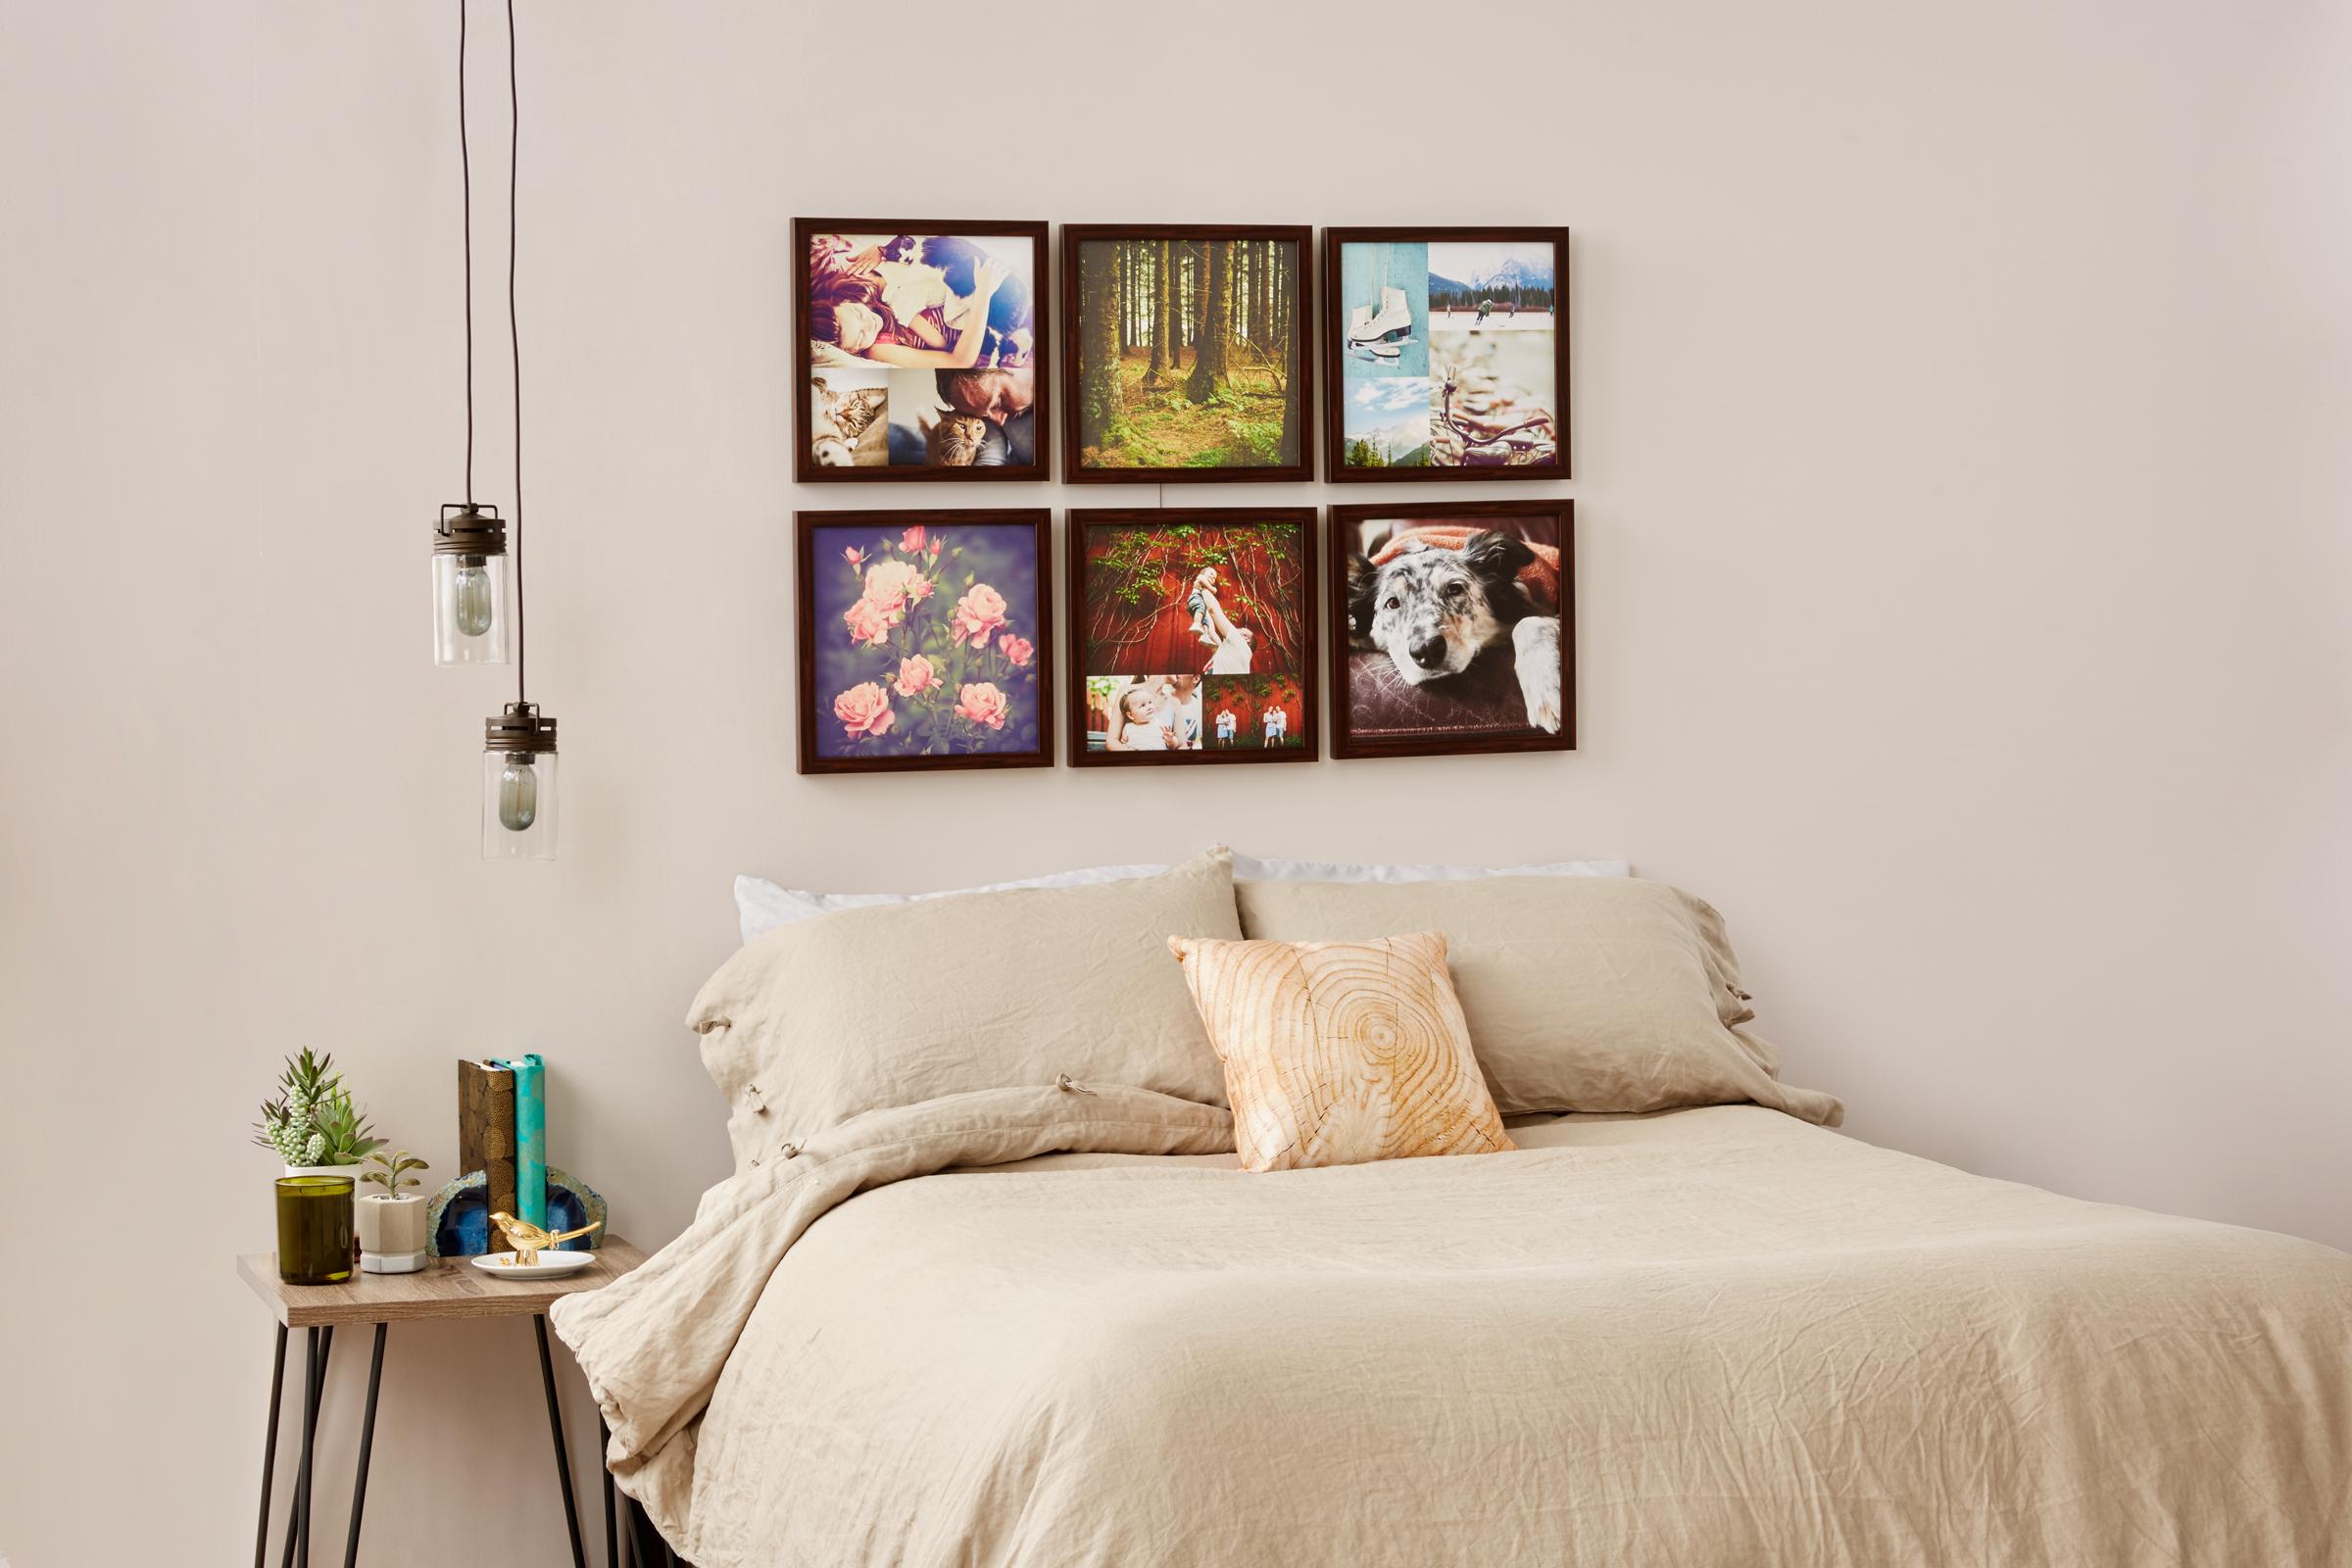 HIVExCollage_29_Bedroom_03.jpg